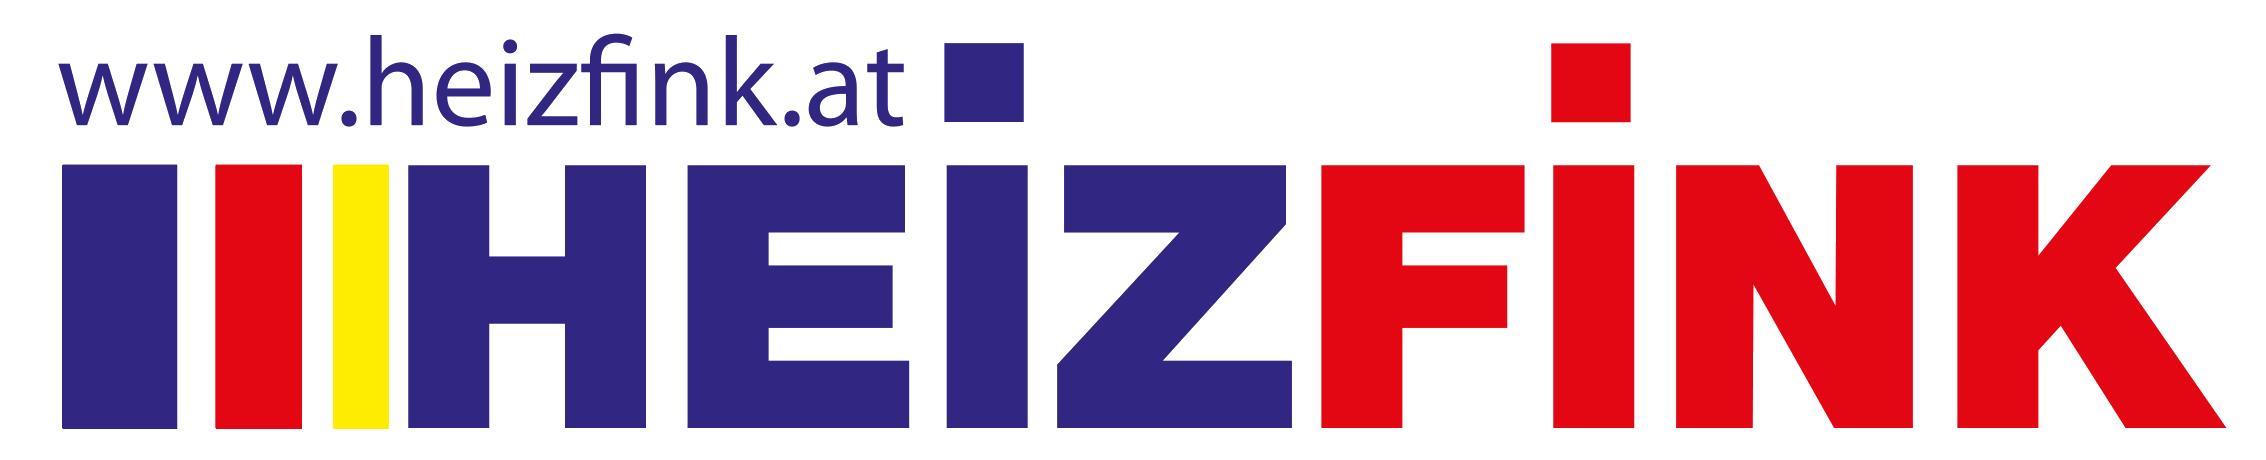 Heizfink - Ihr Partner für Heizung, Sanitär, Solar und mehr